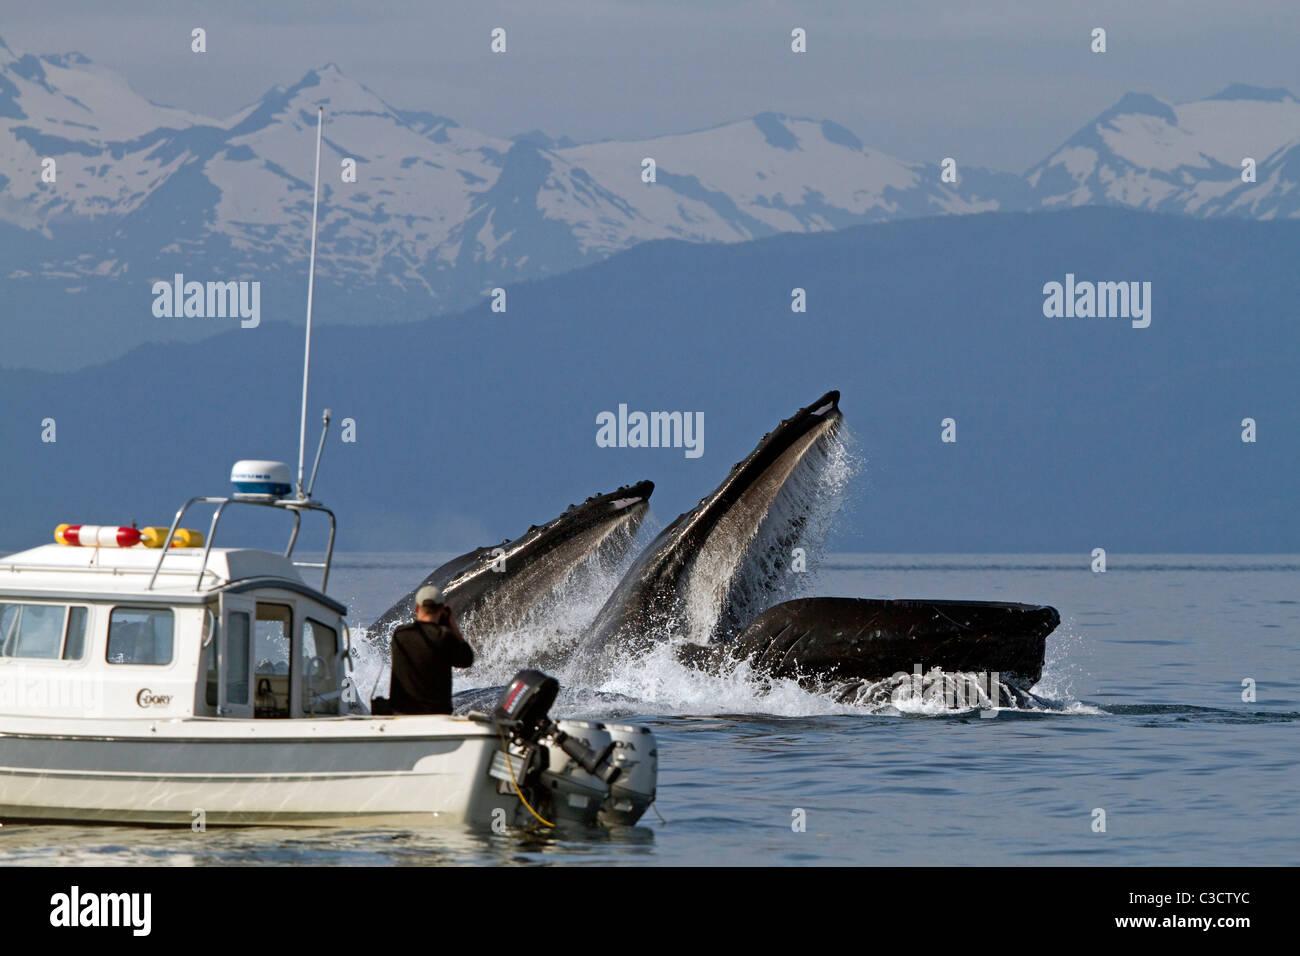 Baleine à bosse (Megaptera novaeangliae). Observation des baleines à prendre des photos de baleines d'alimentation Photo Stock